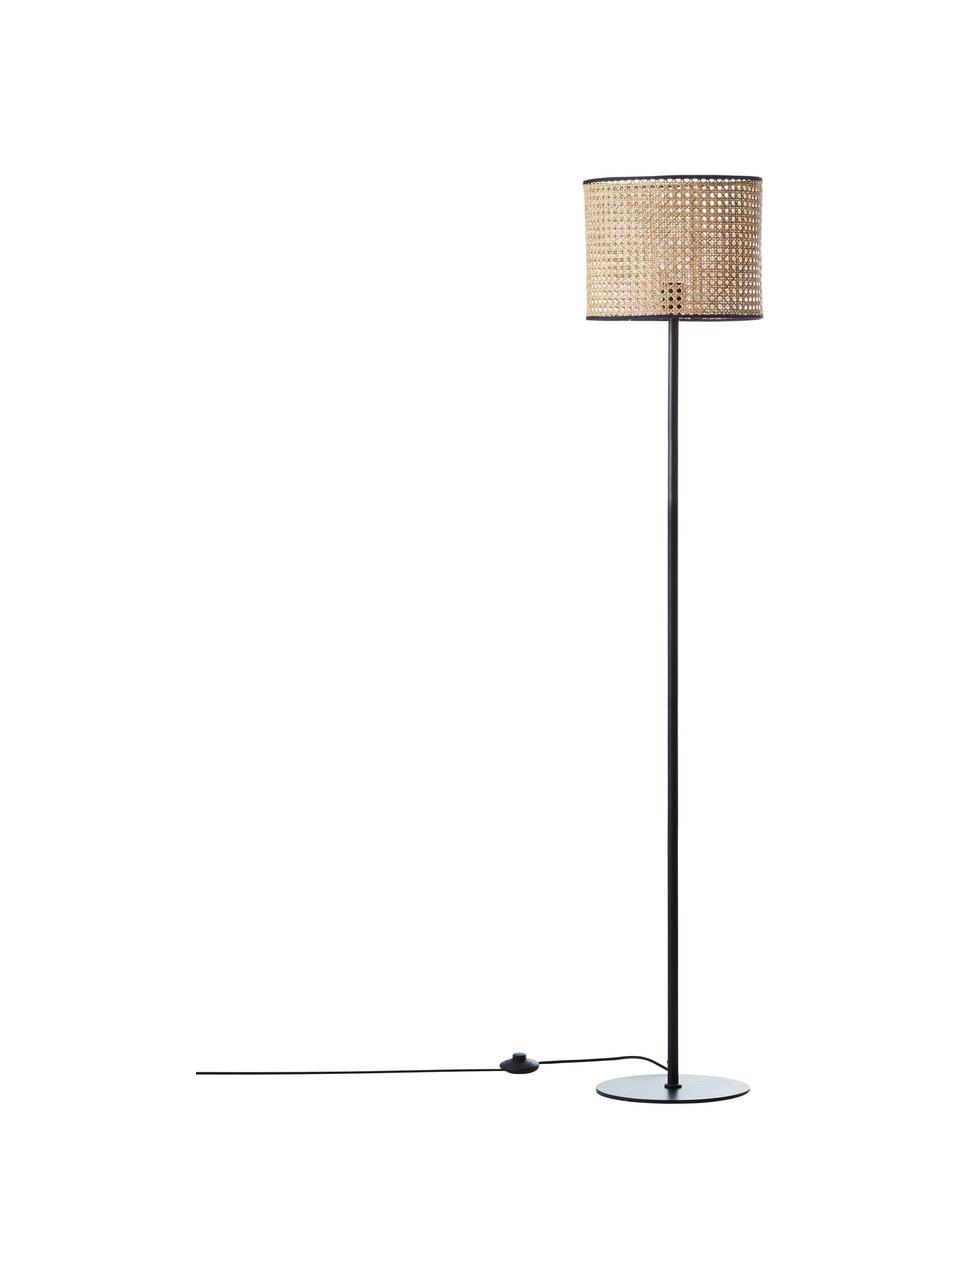 Lampada da terra con paralume in rattan Wiley, Paralume: rattan, Base della lampada: metallo, Rattan, nero, Ø 30 x Alt. 154 cm